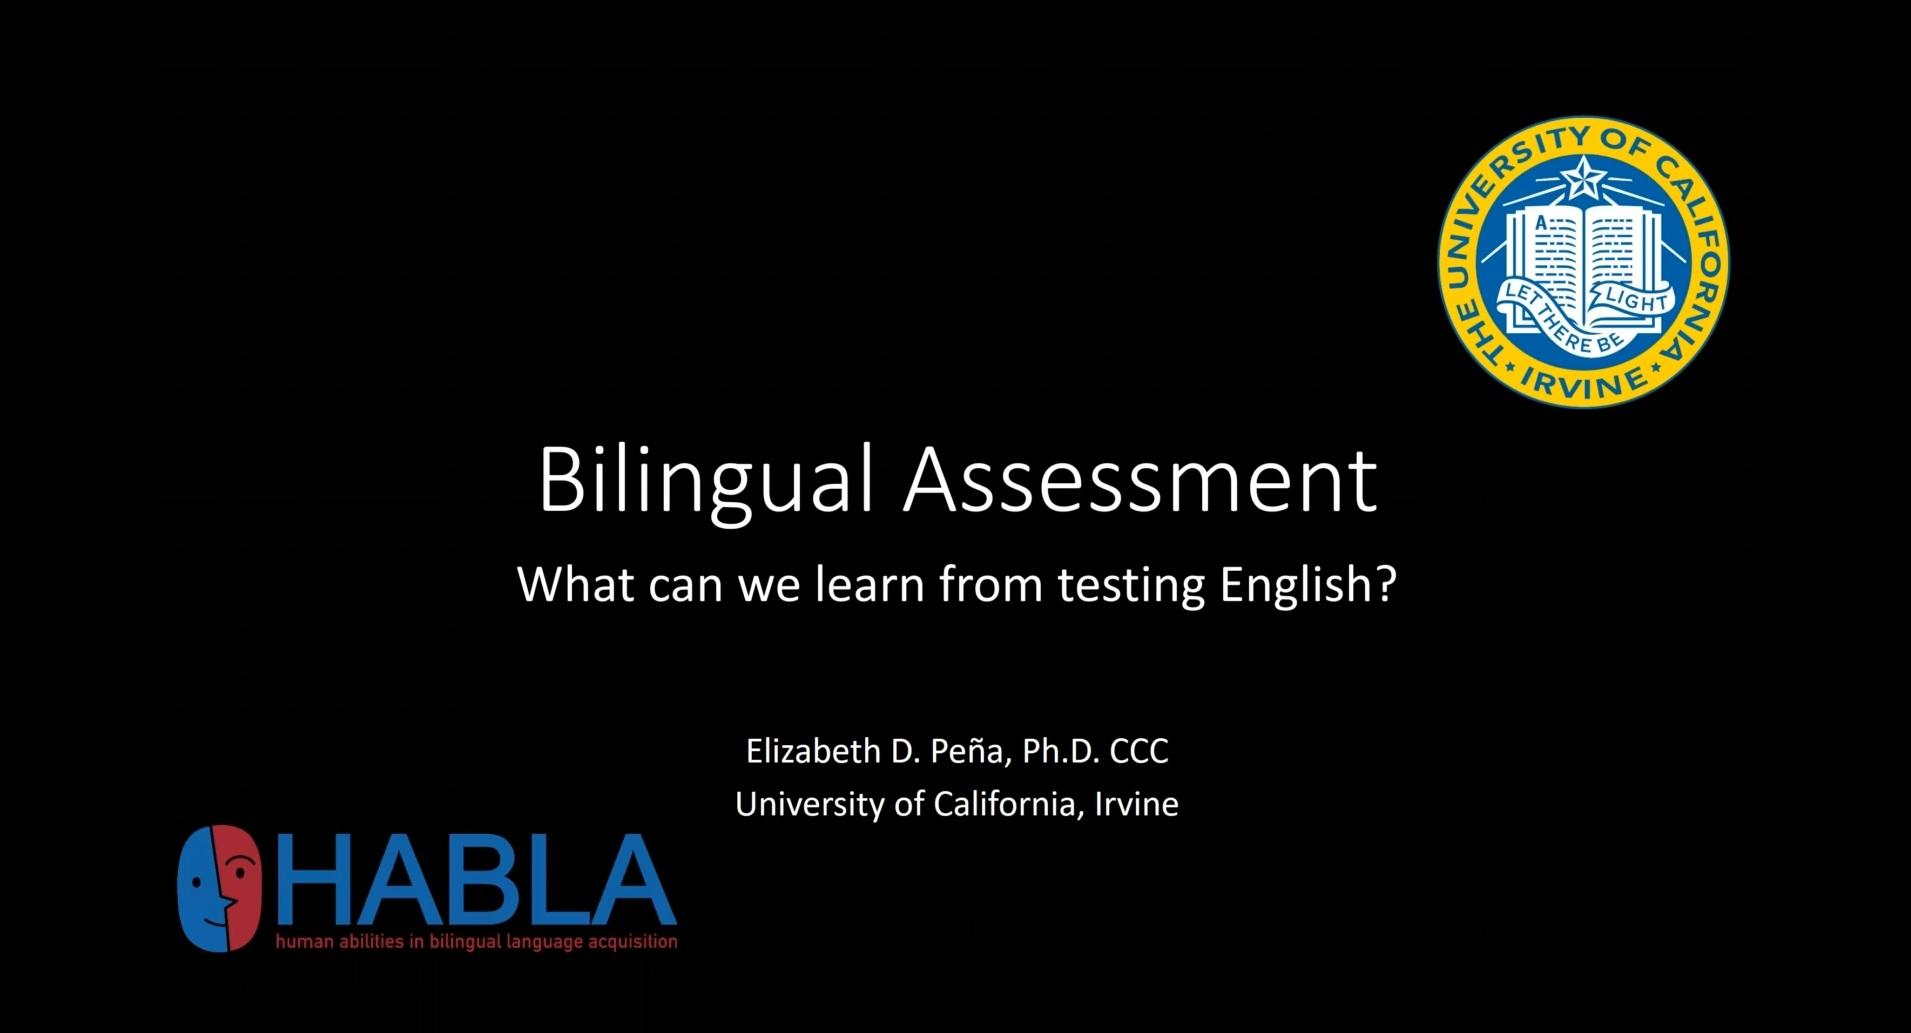 Bilingual Assessment webinar